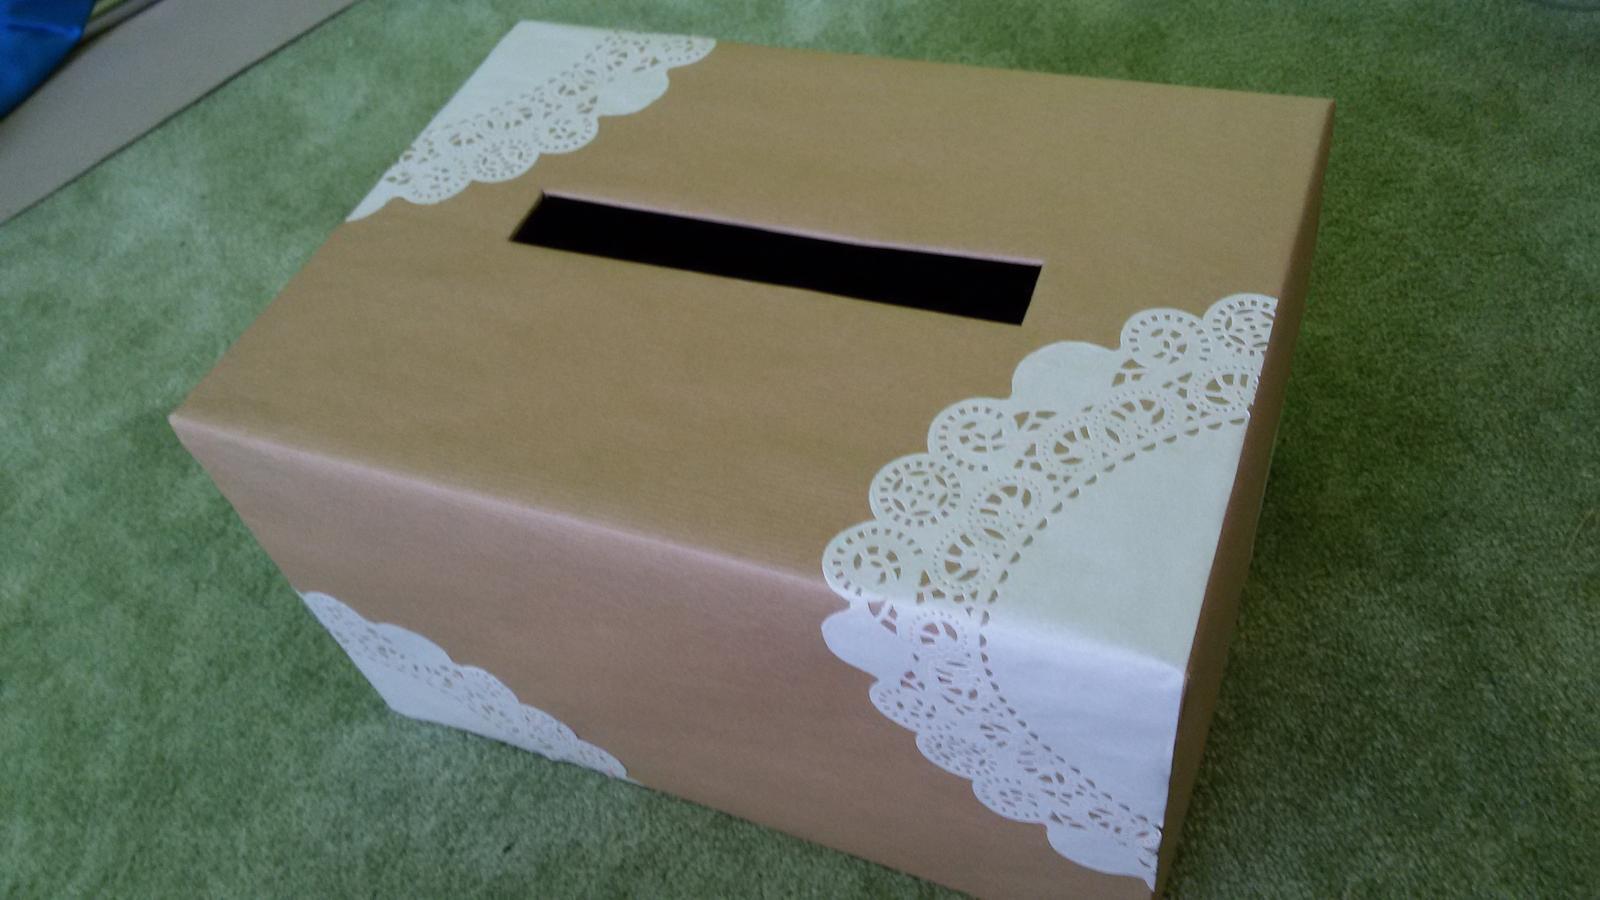 Krabice s otvorem na přání a finanční příspěvky - Obrázek č. 1